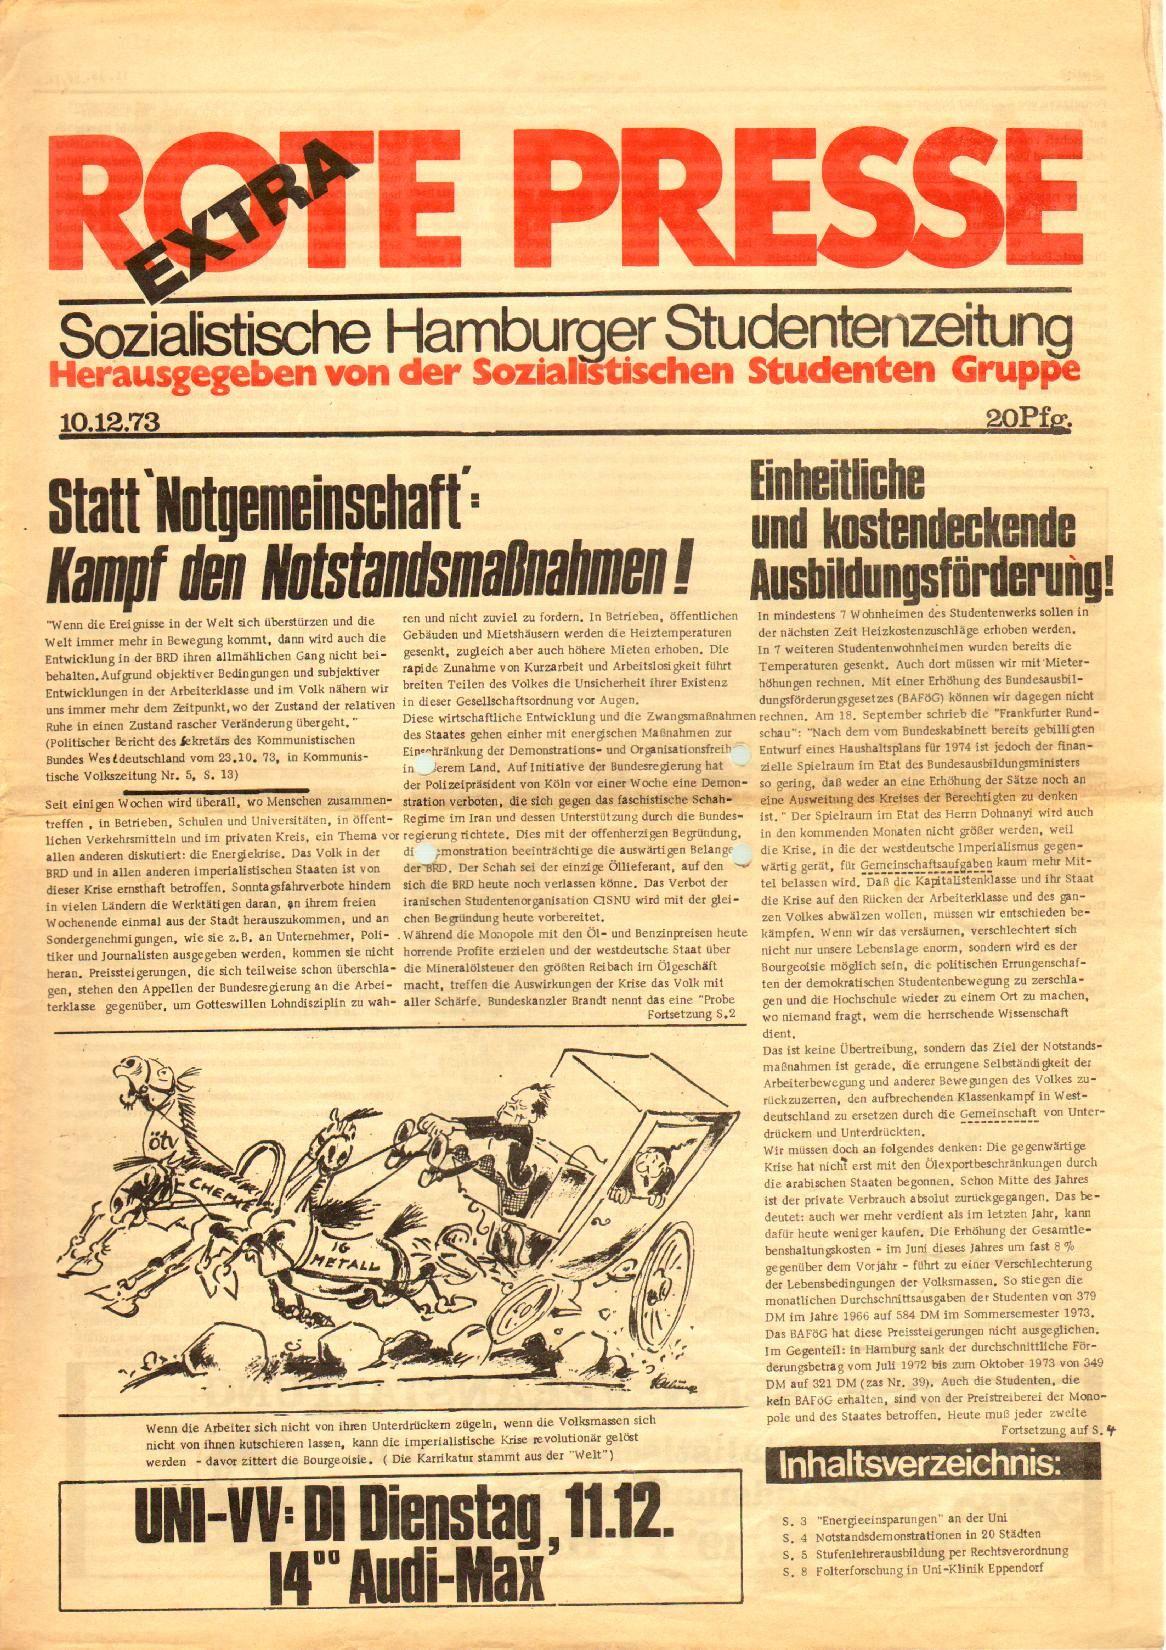 Hamburg_Rote_Presse254